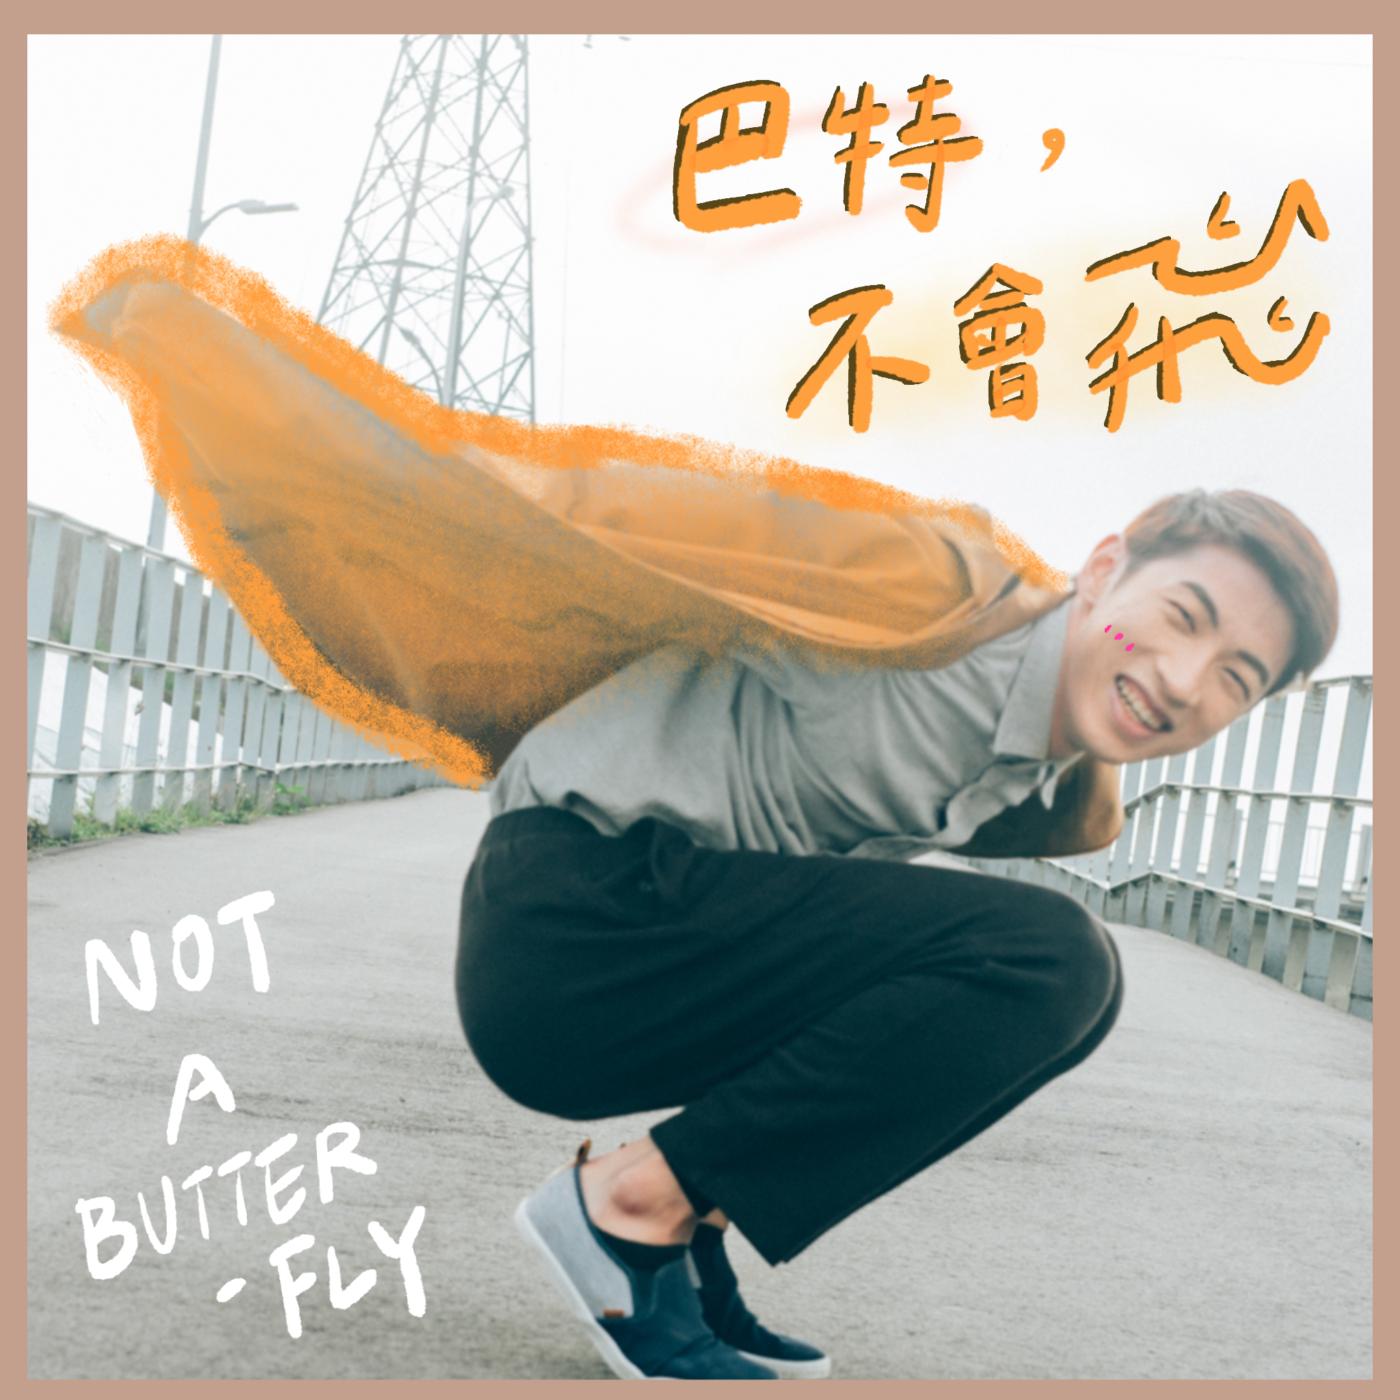 巴特不會飛 Not a Butterfly